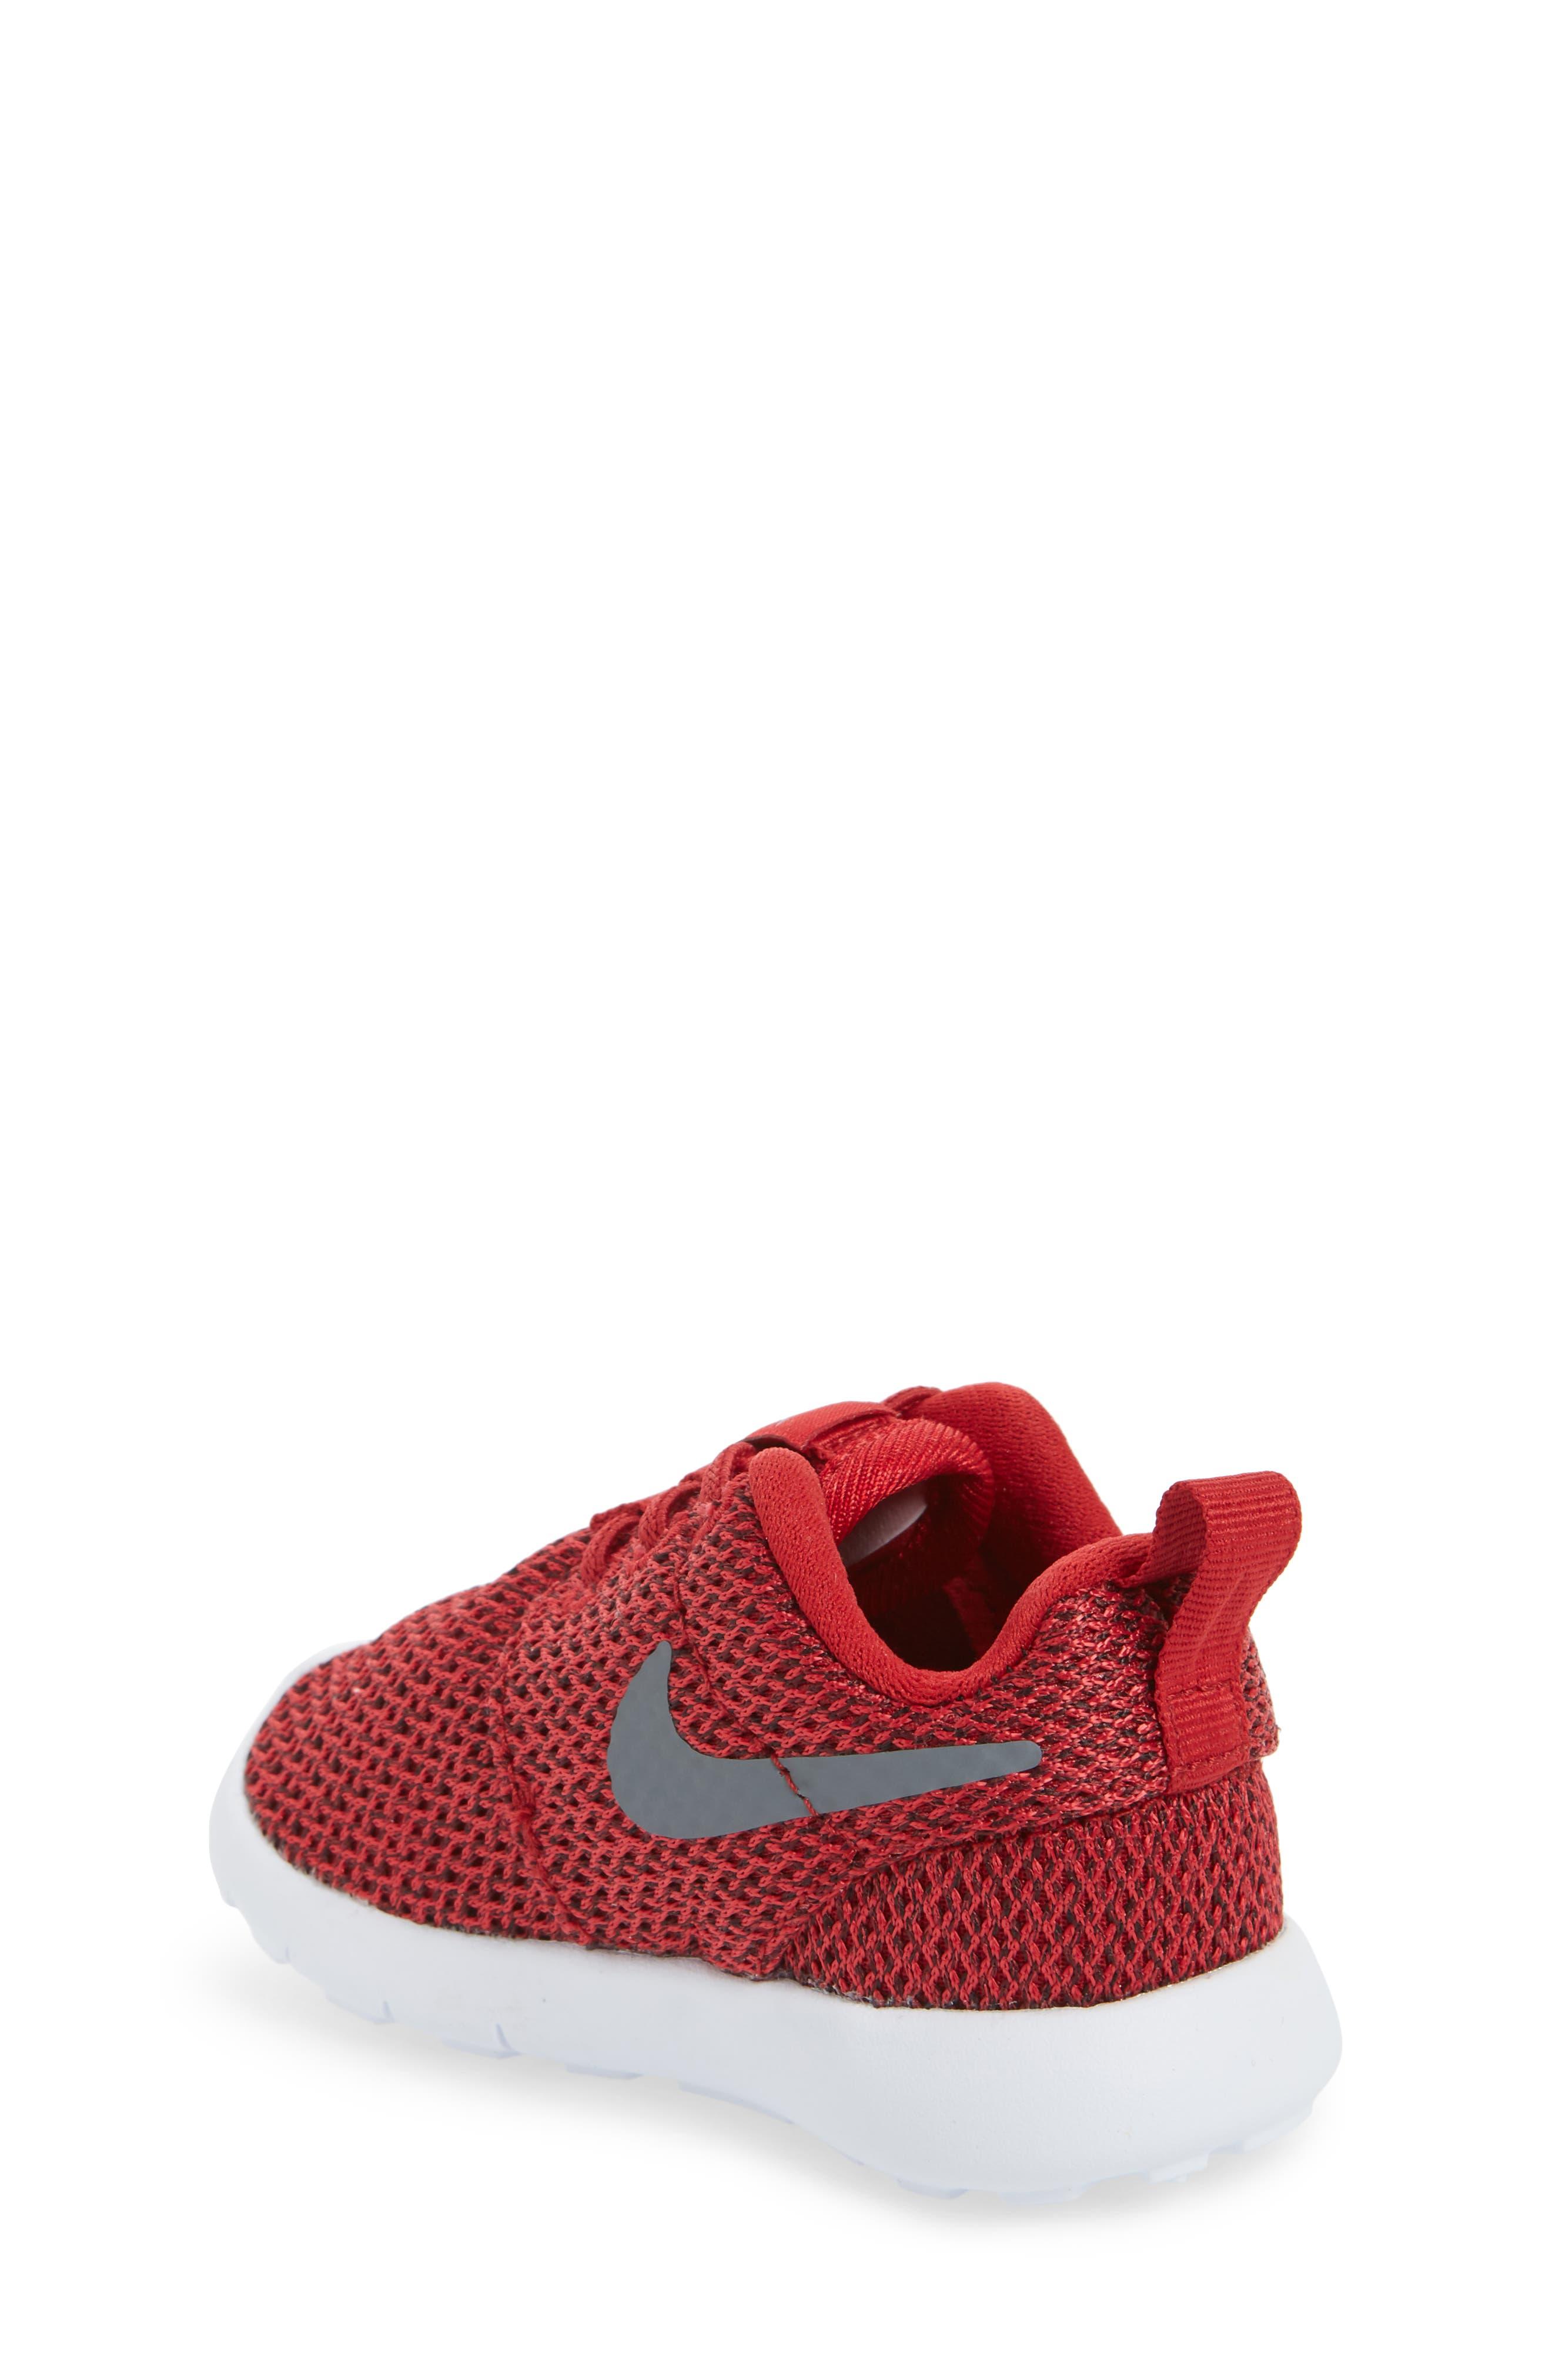 'Roshe Run' Sneaker,                             Alternate thumbnail 2, color,                             608